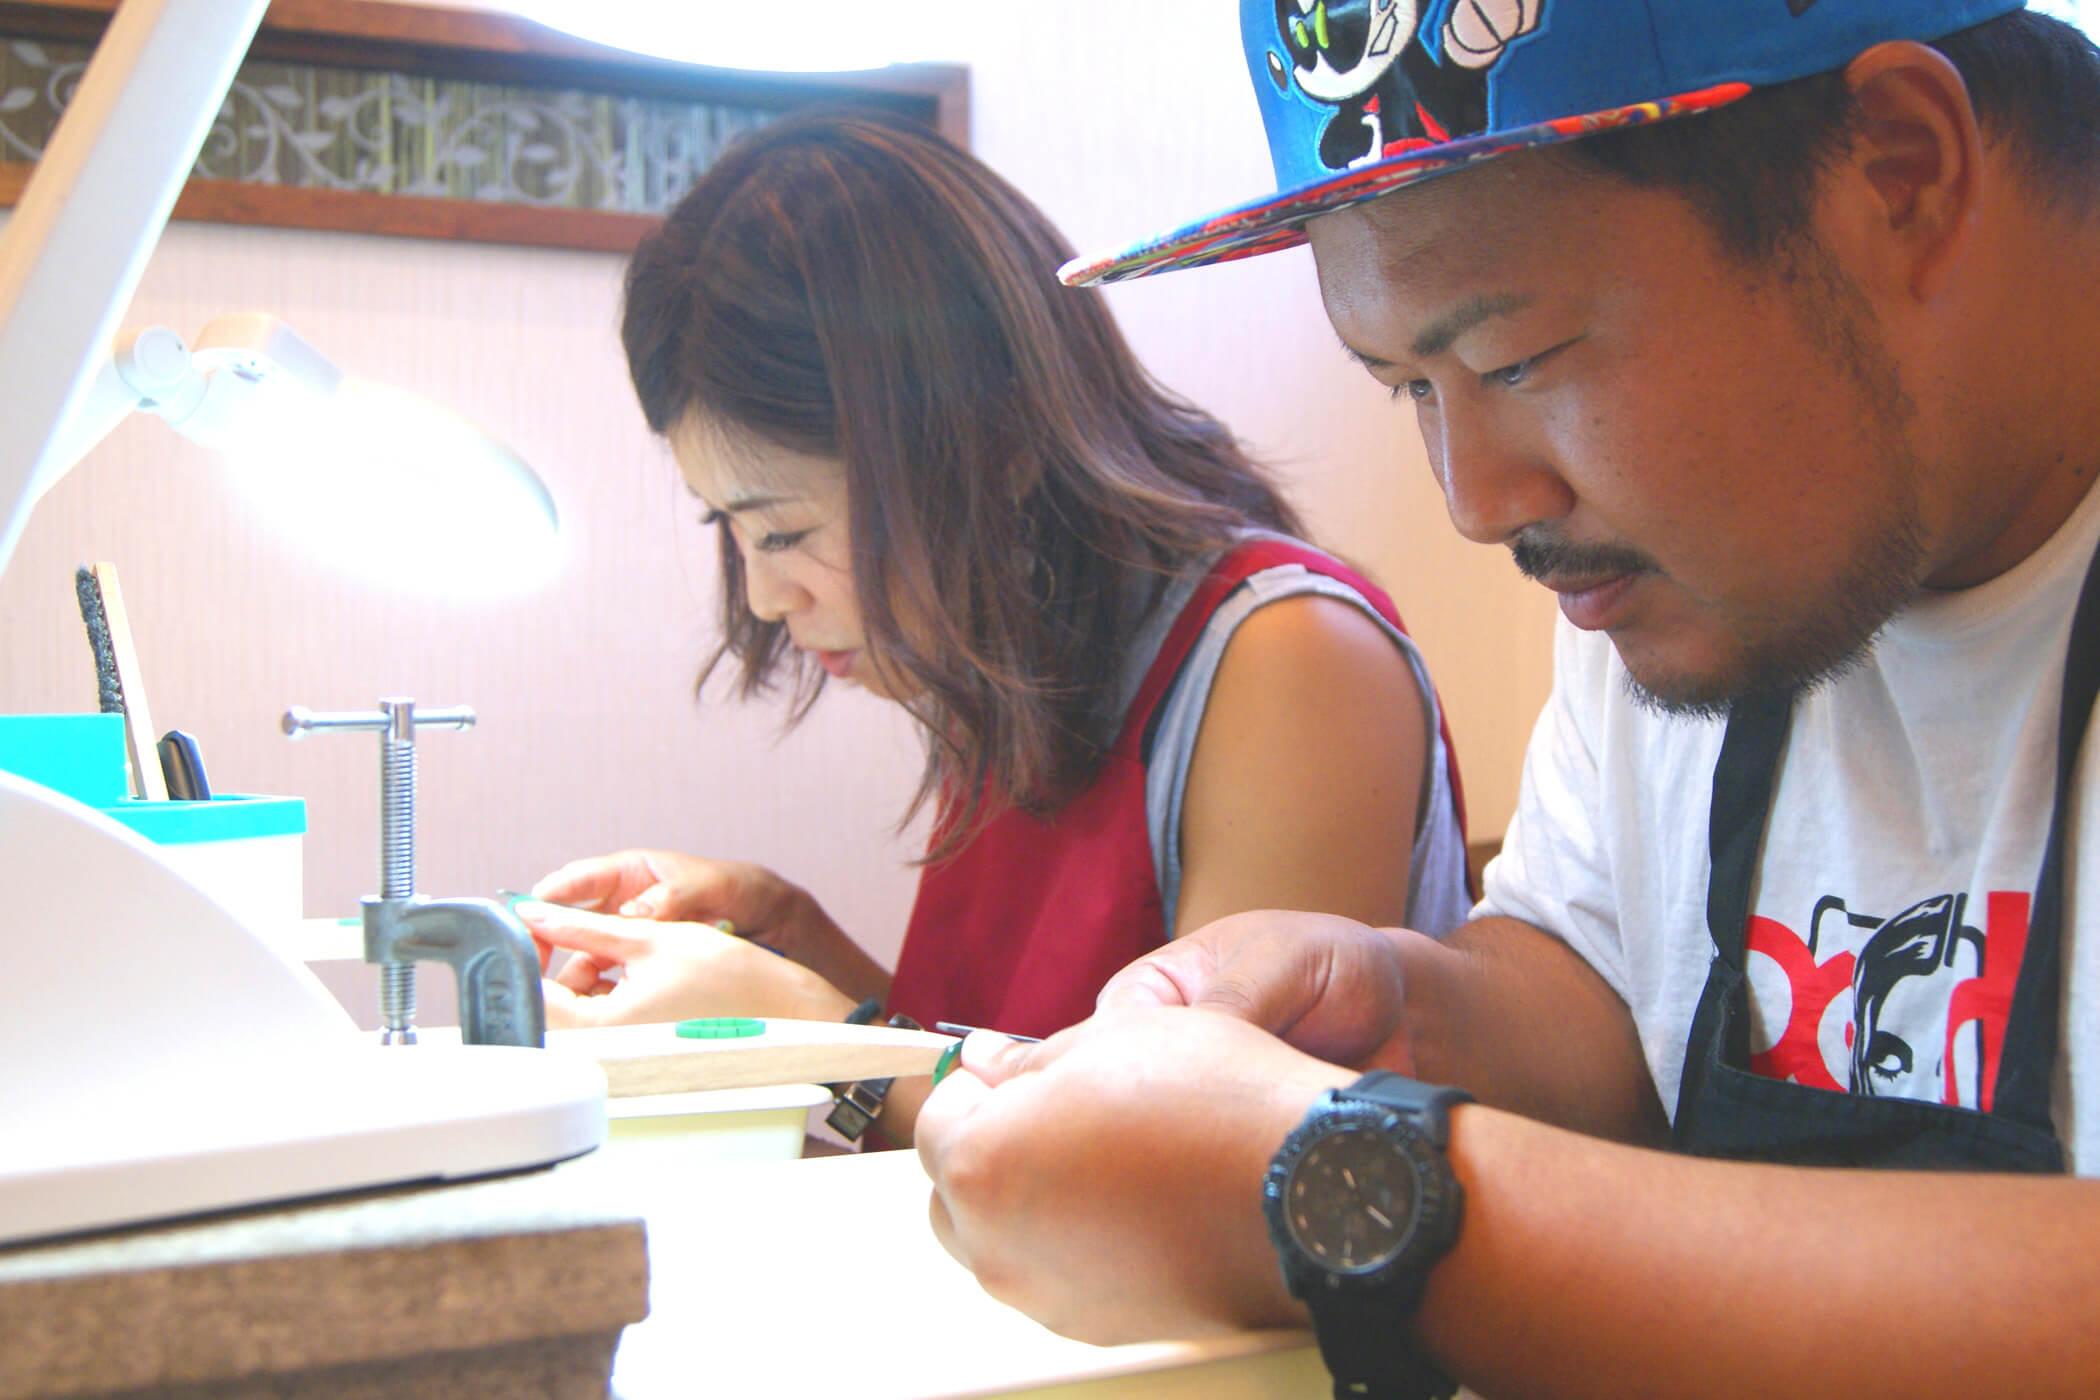 セルフメイド | 原型手作り体験 | かざりやゆい | 世界に一つだけの結婚指輪「kazariya Yui」 | 福島県郡山市